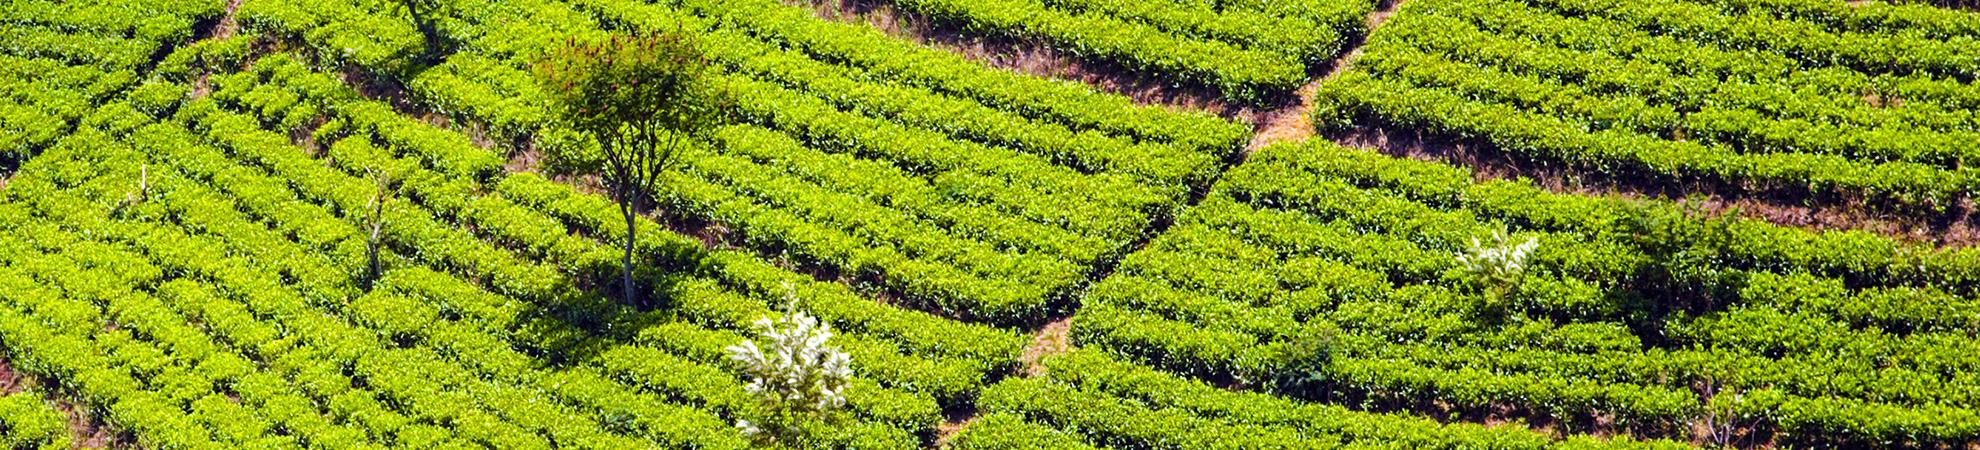 Visite d'une plantation de thé et de son usine + dégustation